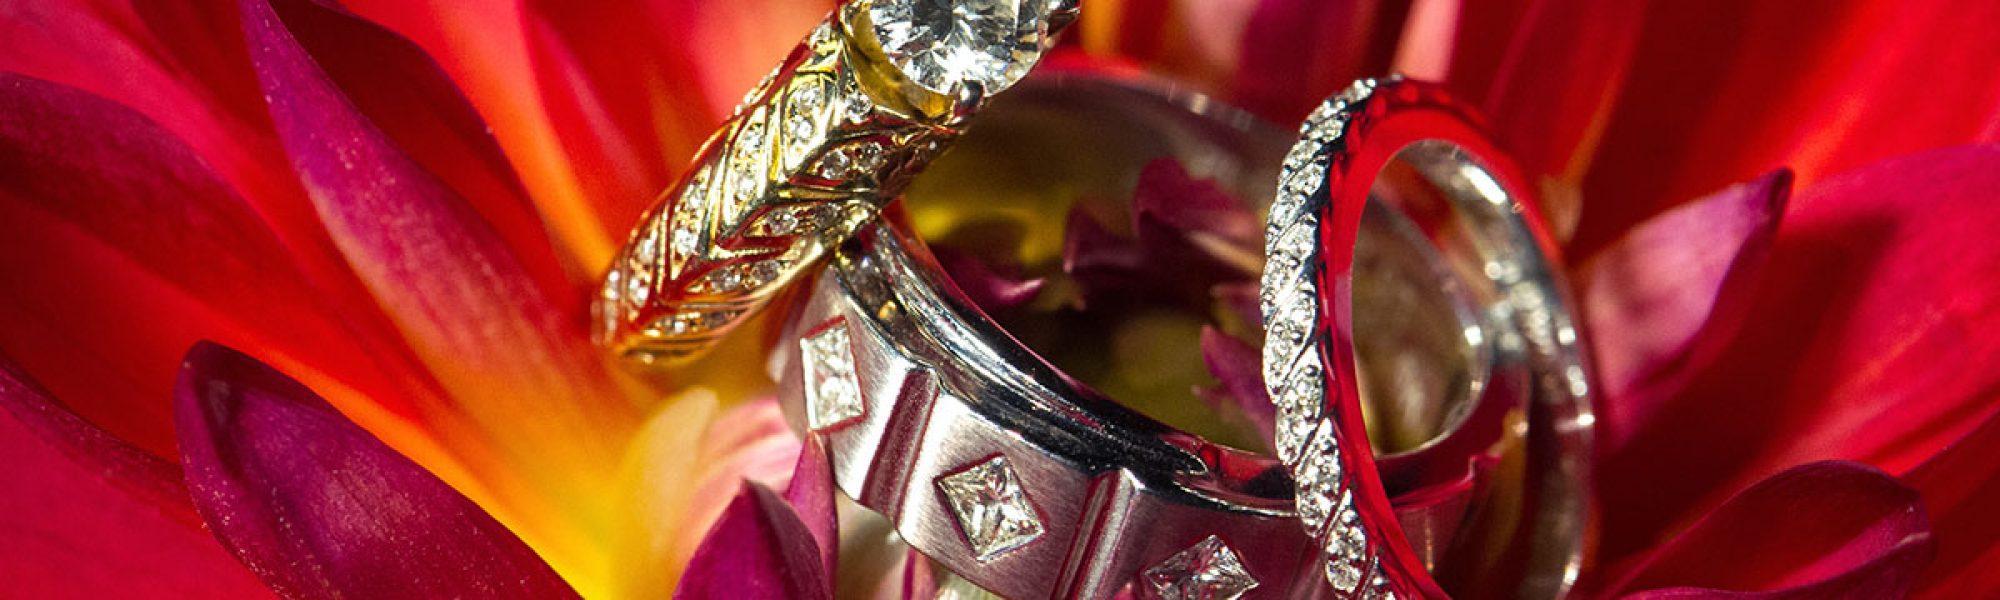 Bride and groom rings